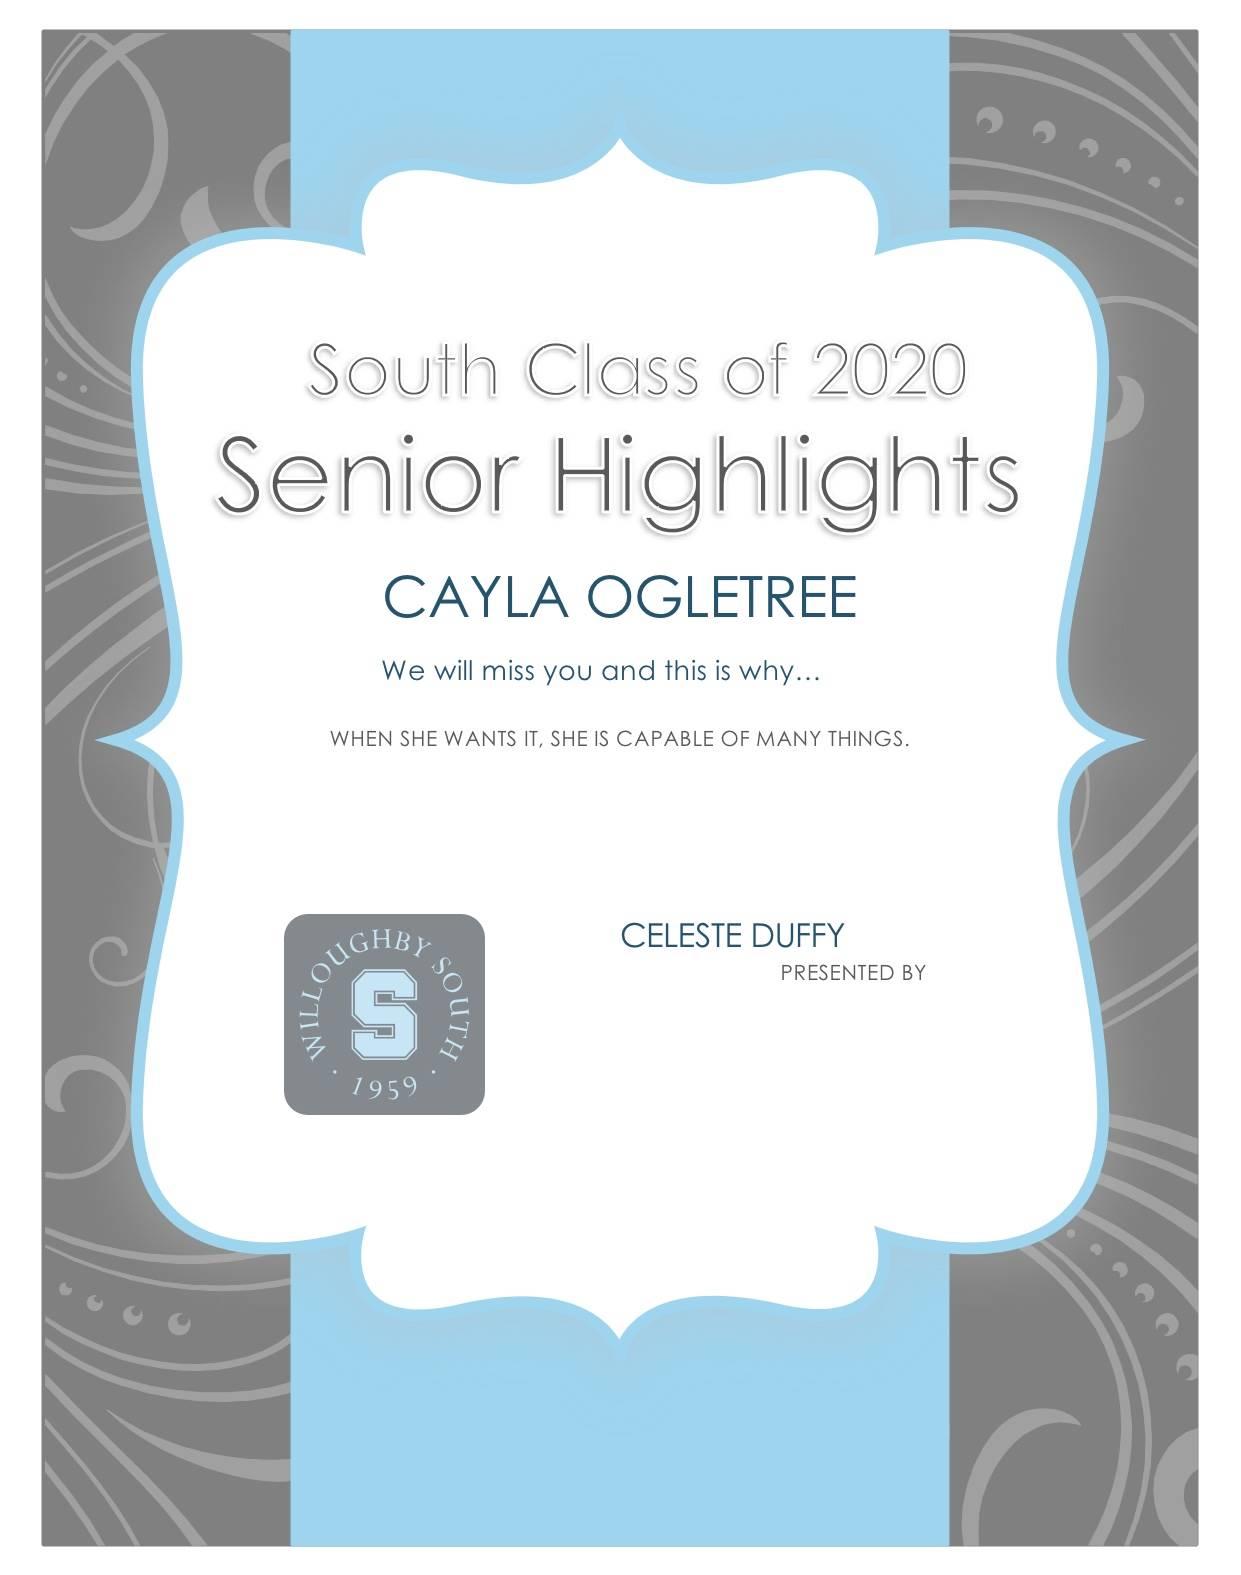 Cayla Ogletree